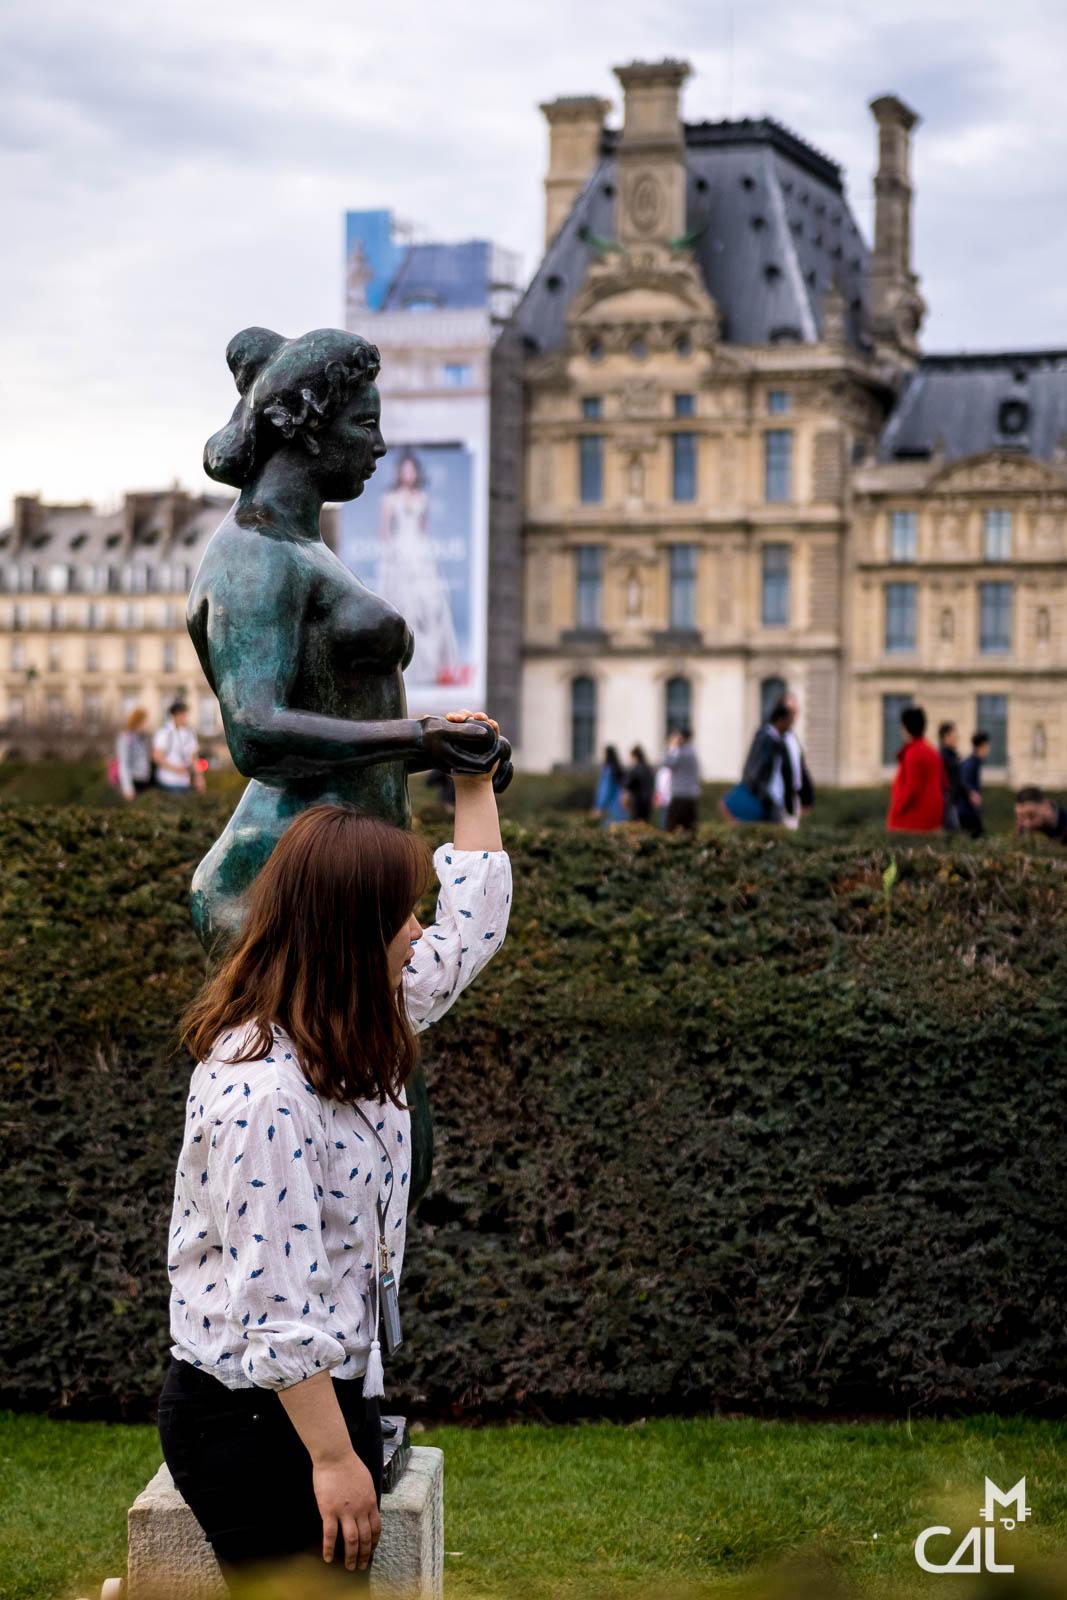 Jardin des tuileries main dans la main mon chat aime for Au jardin des tuileries